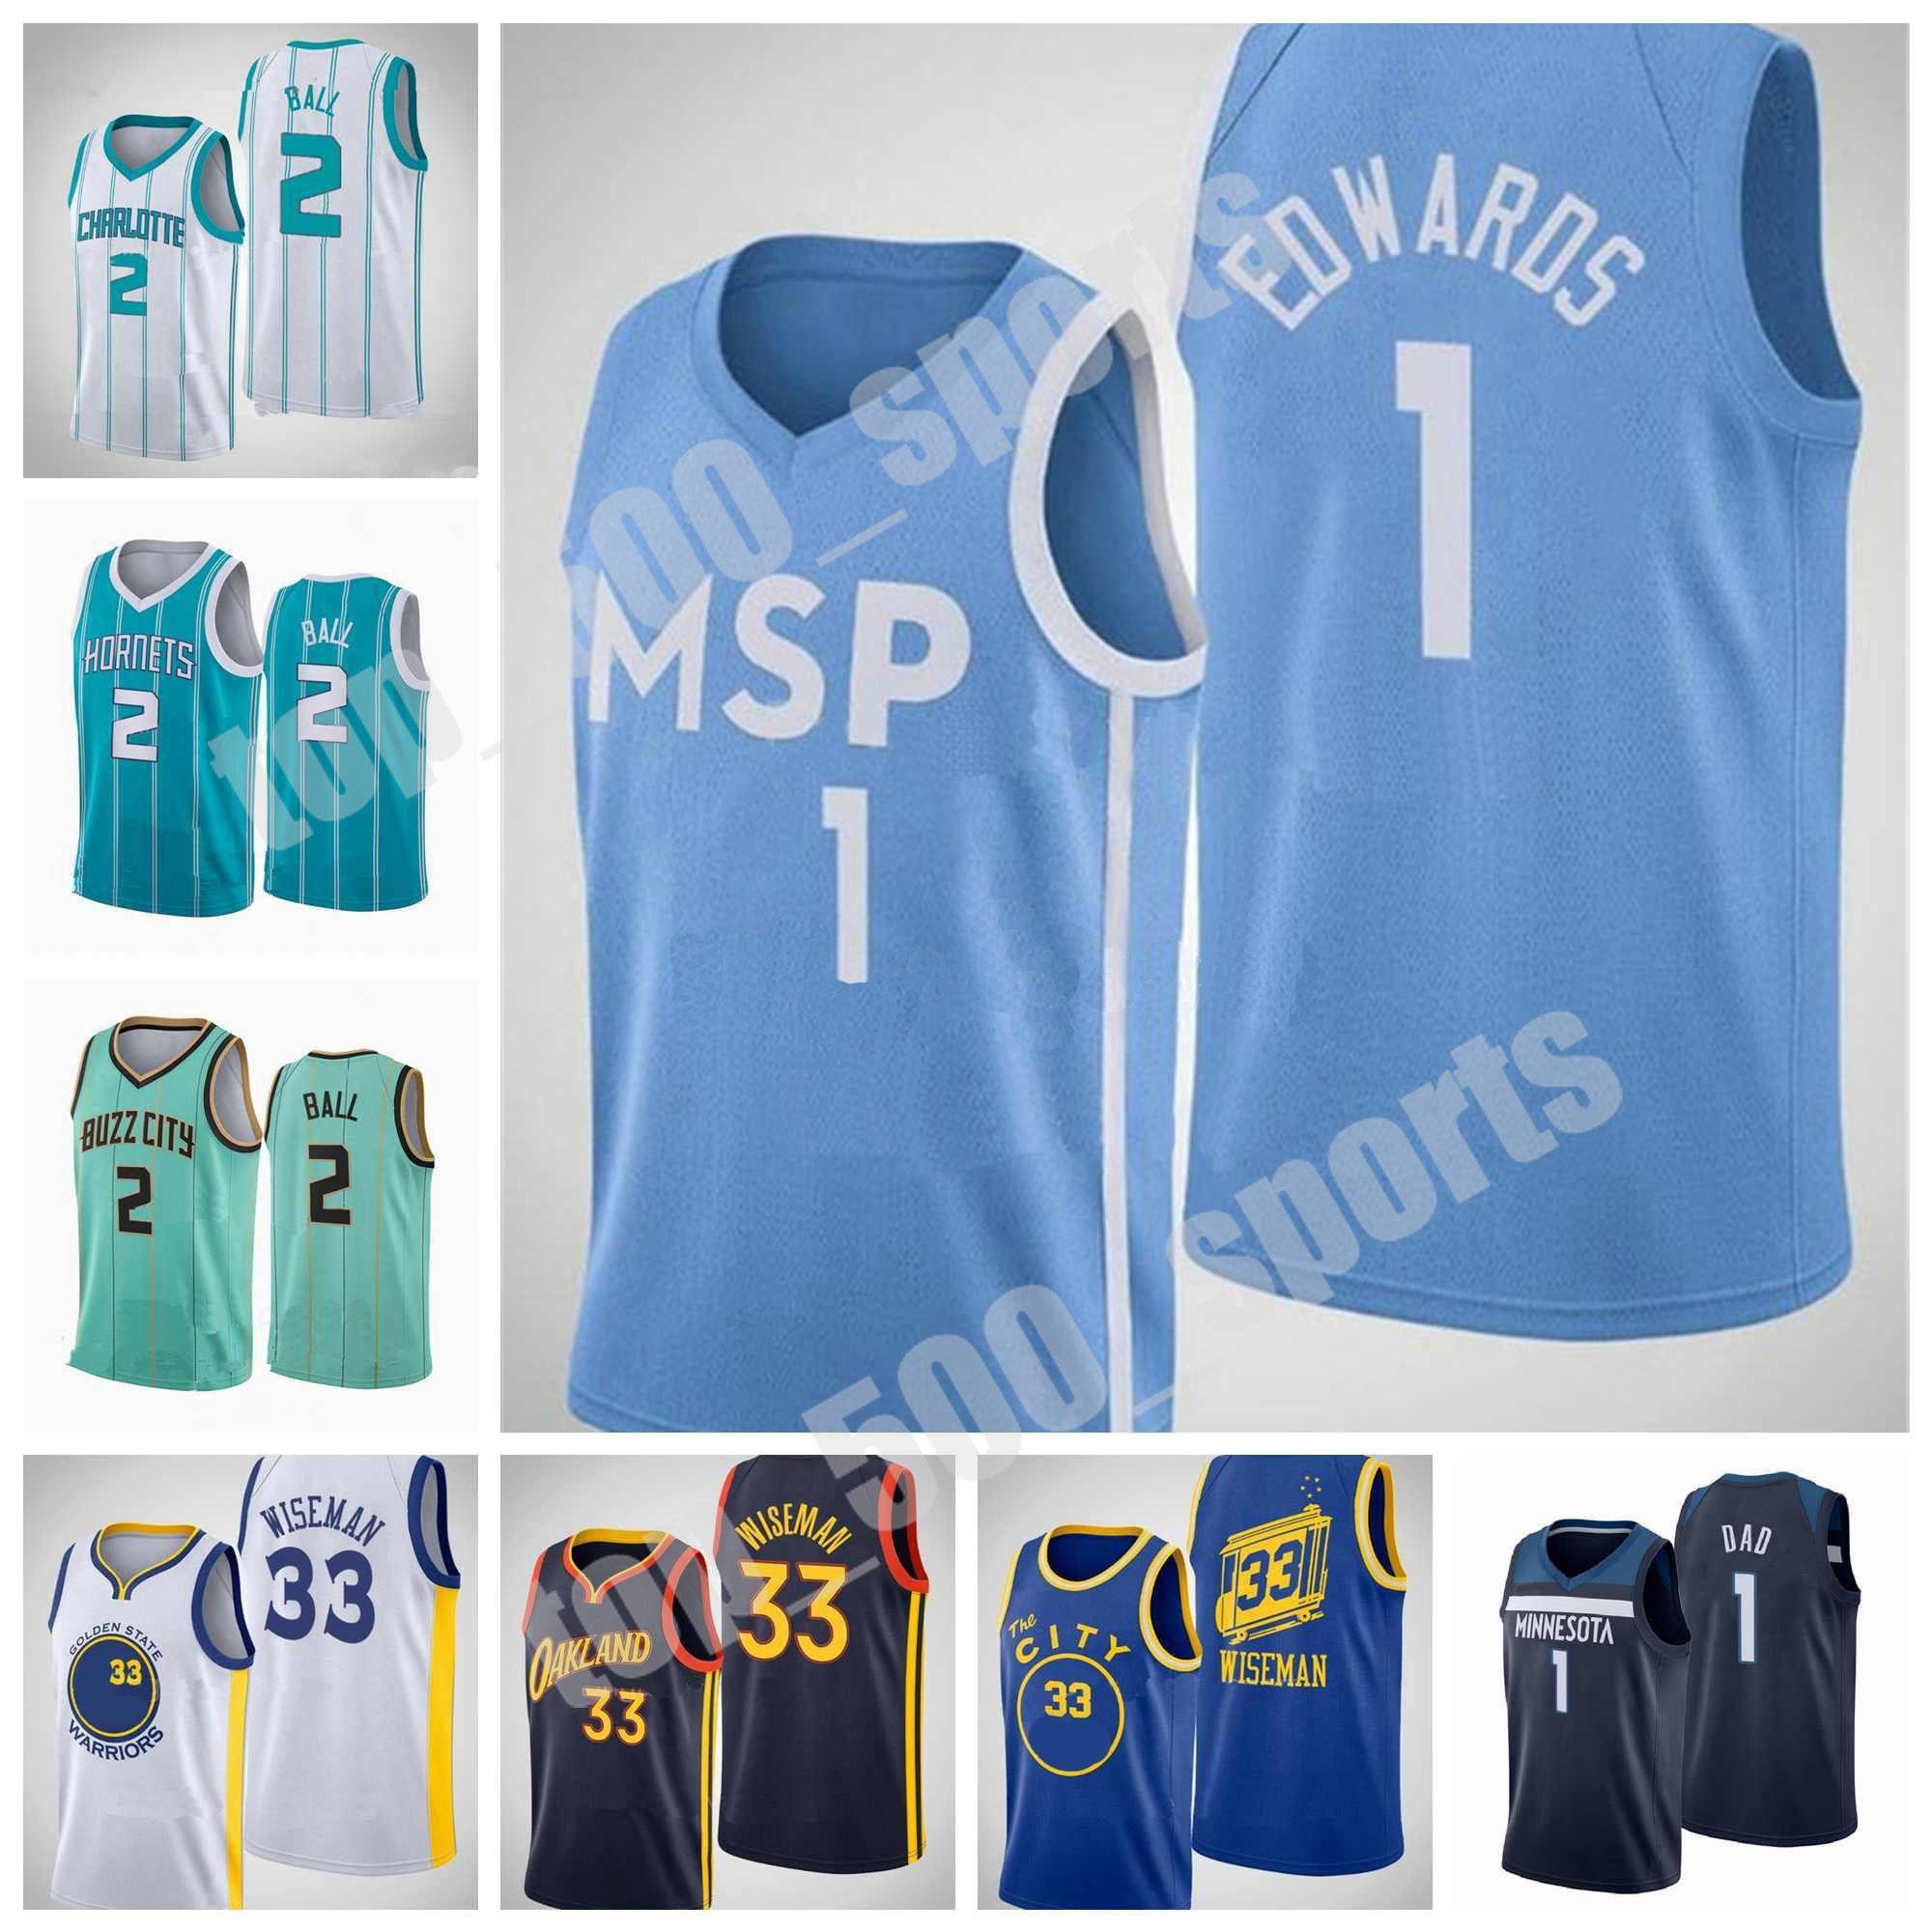 2020 2021 2021 مشروع اختيار 1 أنتوني إدواردز جيرسي 33 جيمس ويزمان 2 لاميلو الكرة كرة السلة الرجال النساء الاطفال الشباب الأزرق الأبيض الأرجواني حجم S-XXXL